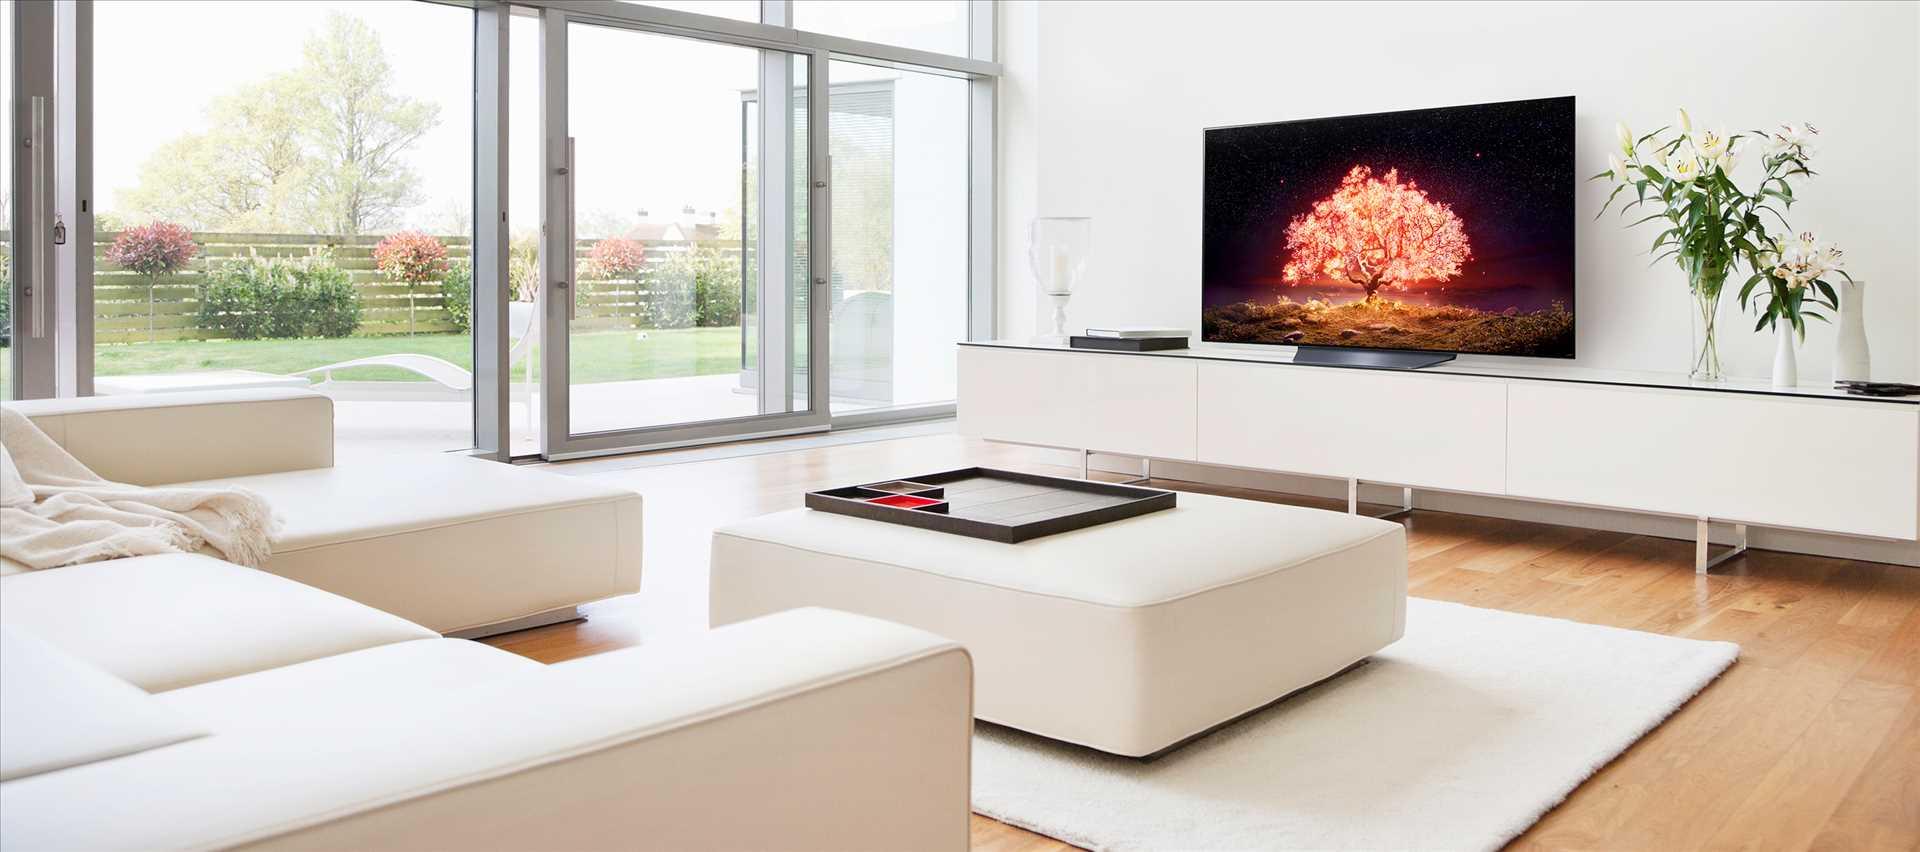 טלוויזיה 77 אינץ' דגם OLED 77B16LA/PVA  בטכנולוגיית LG OLED 4K Ultra HD אל ג'י - תמונה 11